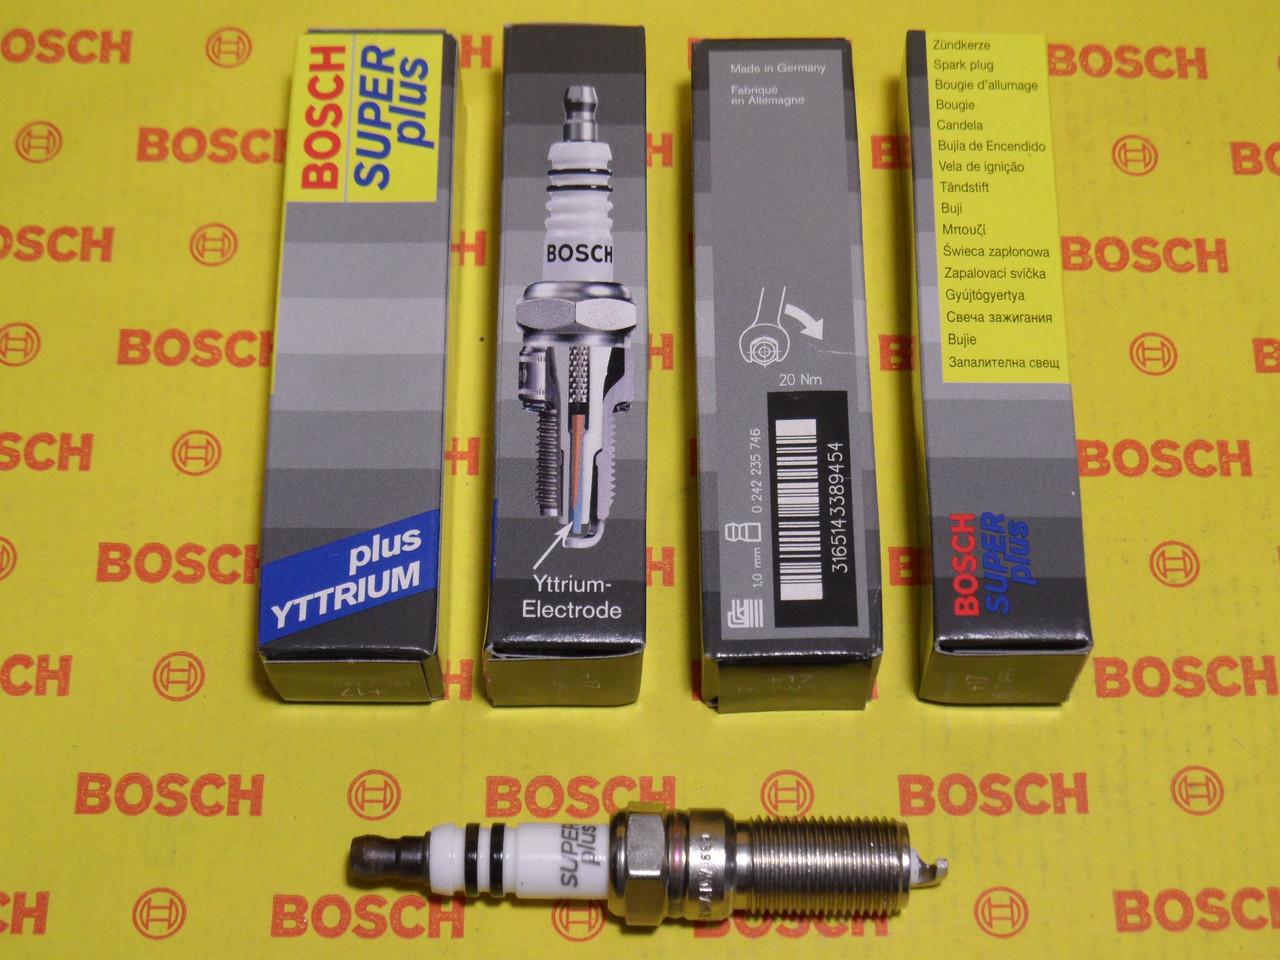 Свечи зажигания BOSCH, HR7MPP+, +17, 1.0, Super +, 0242235746, 0 242 235 746,